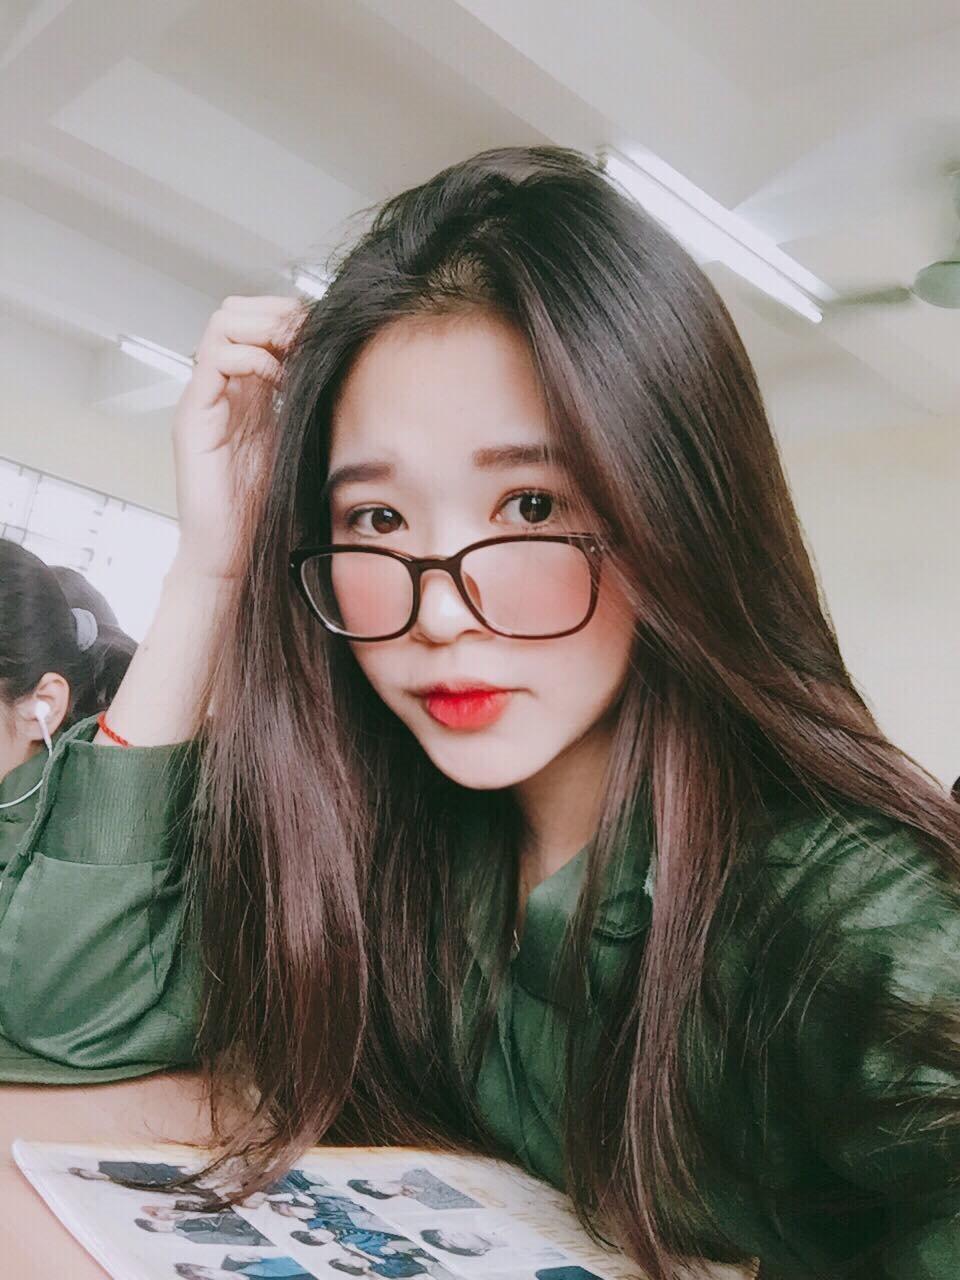 Đỗ Hà Trang sinh năm 1999 ở Nam Định. Cô gái trẻ này vừa chân ướt chân ráo bước vào giảng đường Đại học, nhưng đã có khả năng tự lập khá sớm.